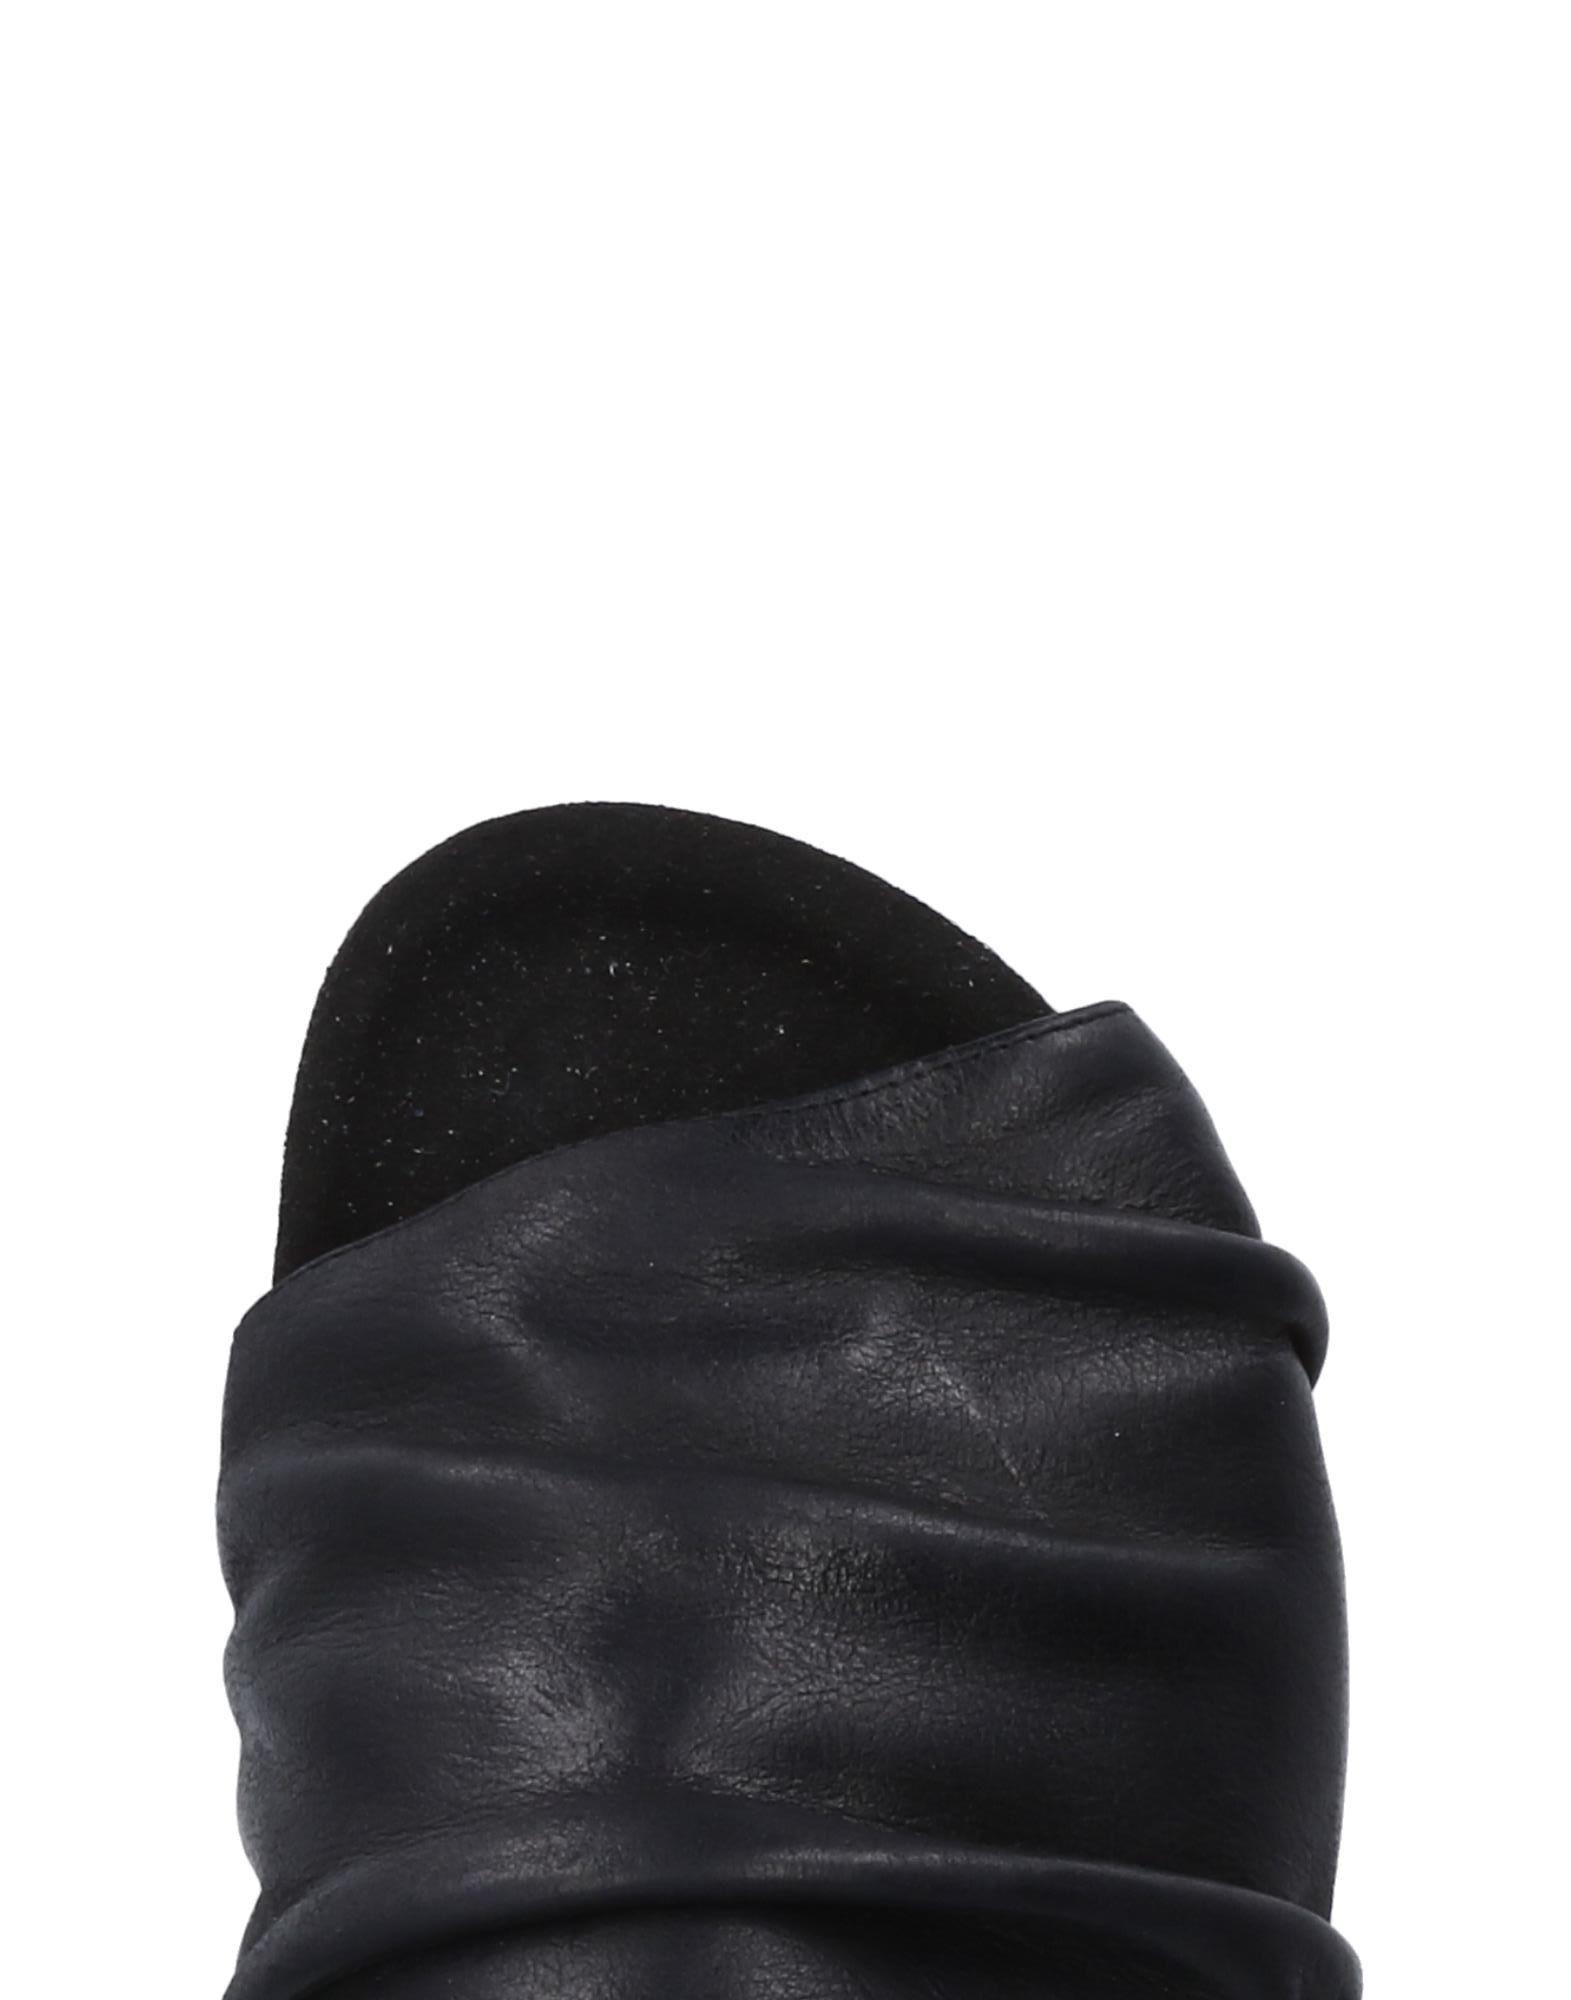 Peter Non Dianetten Herren  11509241IO Gute Qualität beliebte Schuhe